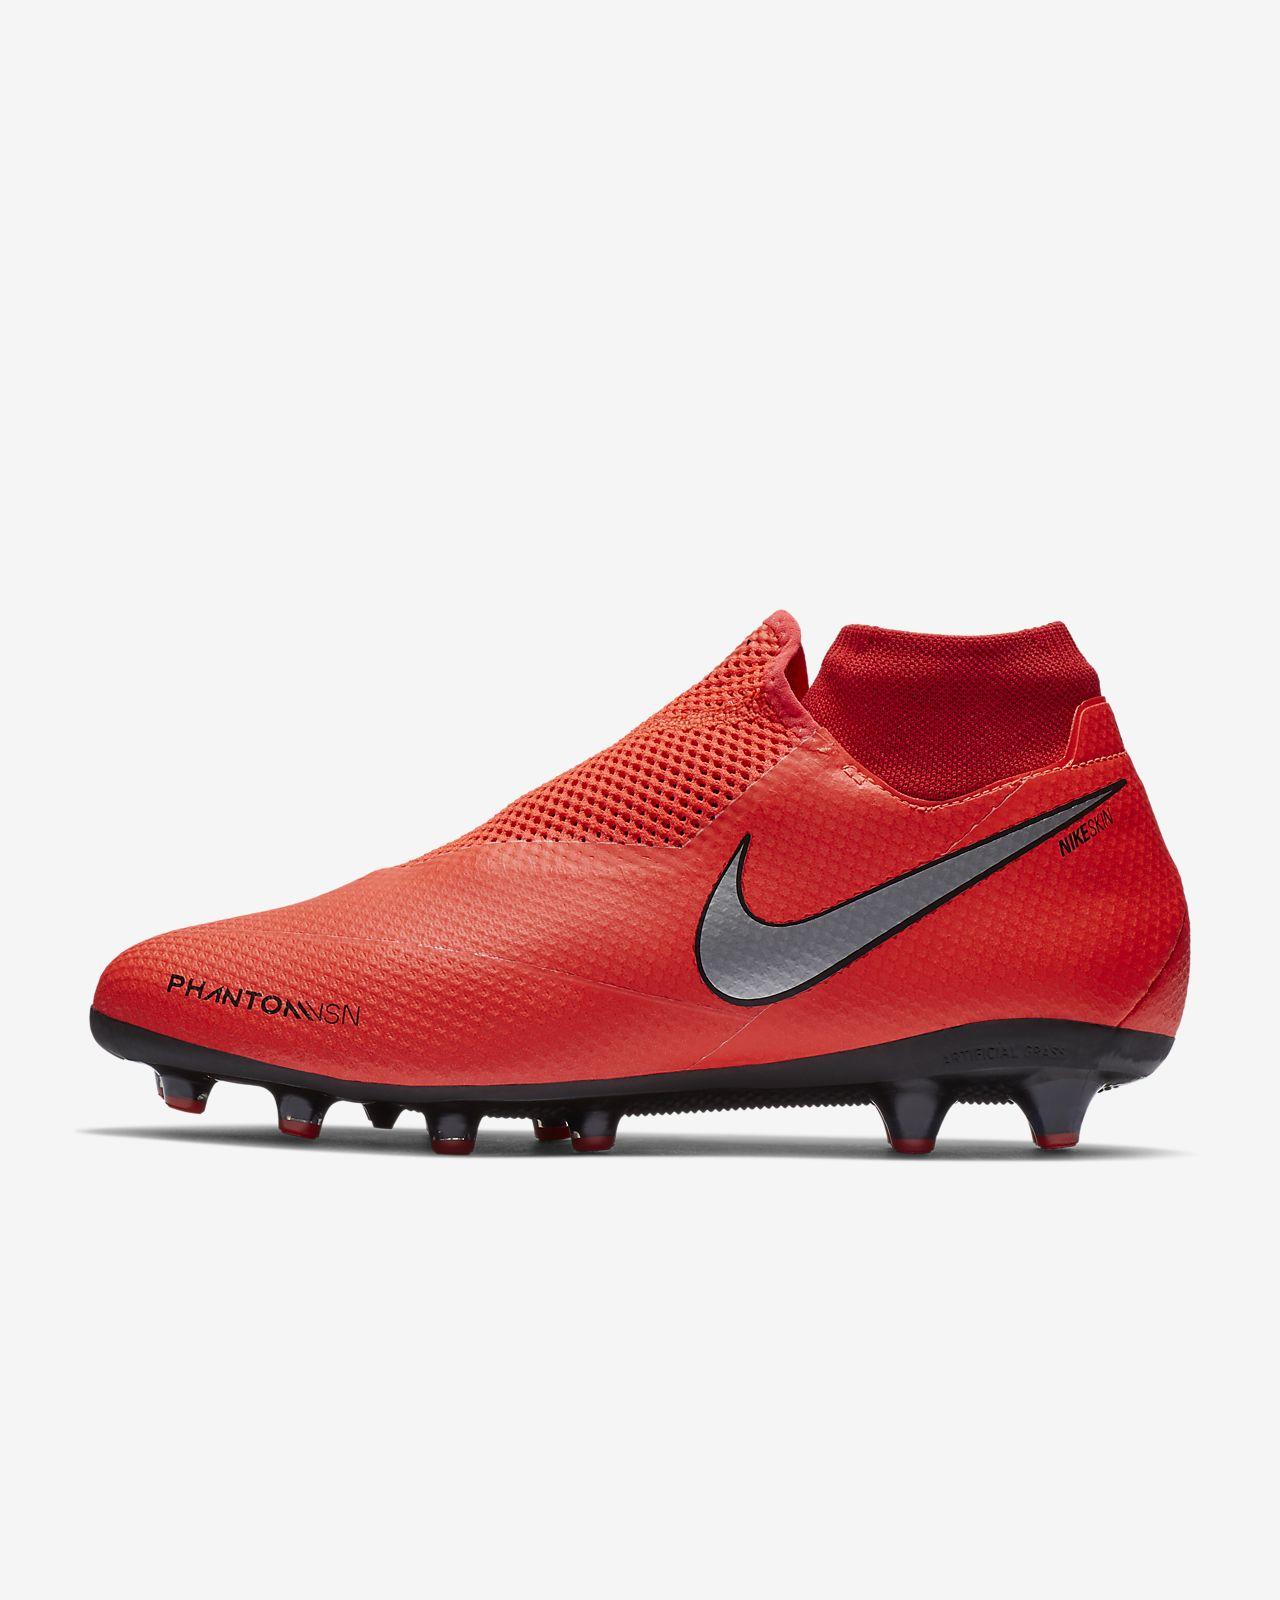 618999b9 ... Футбольные бутсы для игры на искусственном газоне Nike Phantom Vision  Pro Dynamic Fit AG-PRO